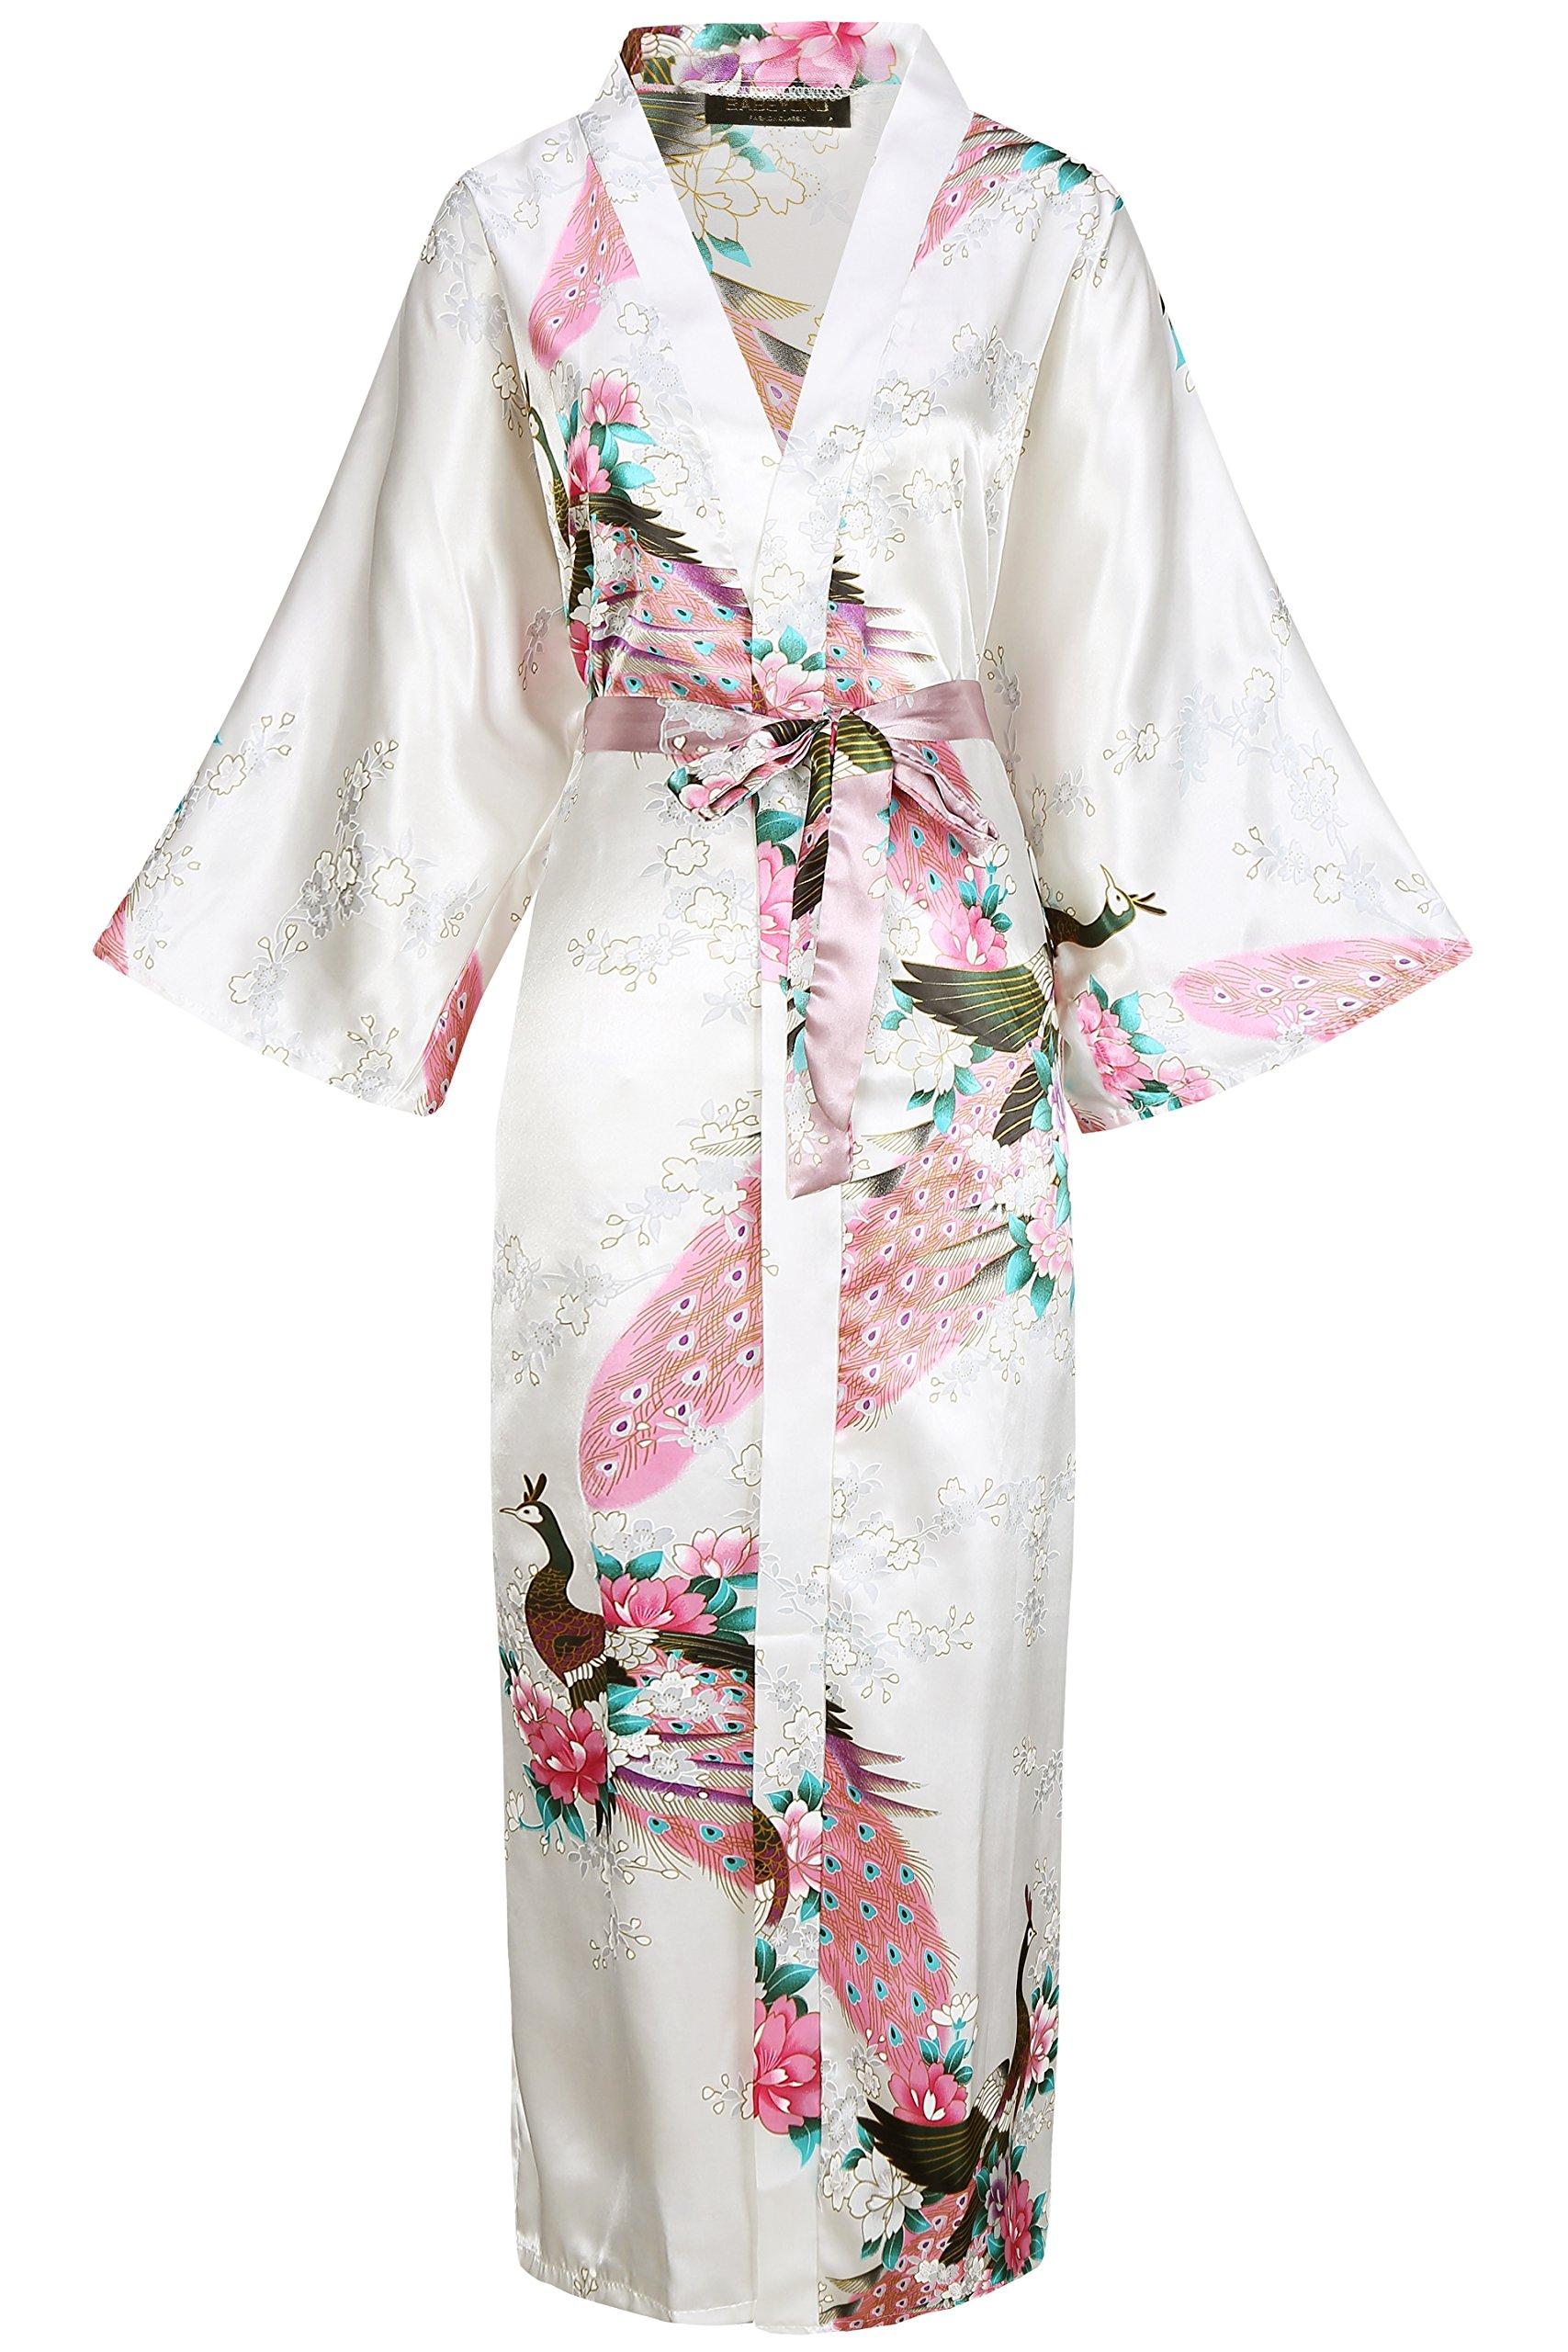 ArtiDeco Vestido Kimono Pijama de Seda Novia Kimono de Seda Ropa de dormir de Satén Estampado